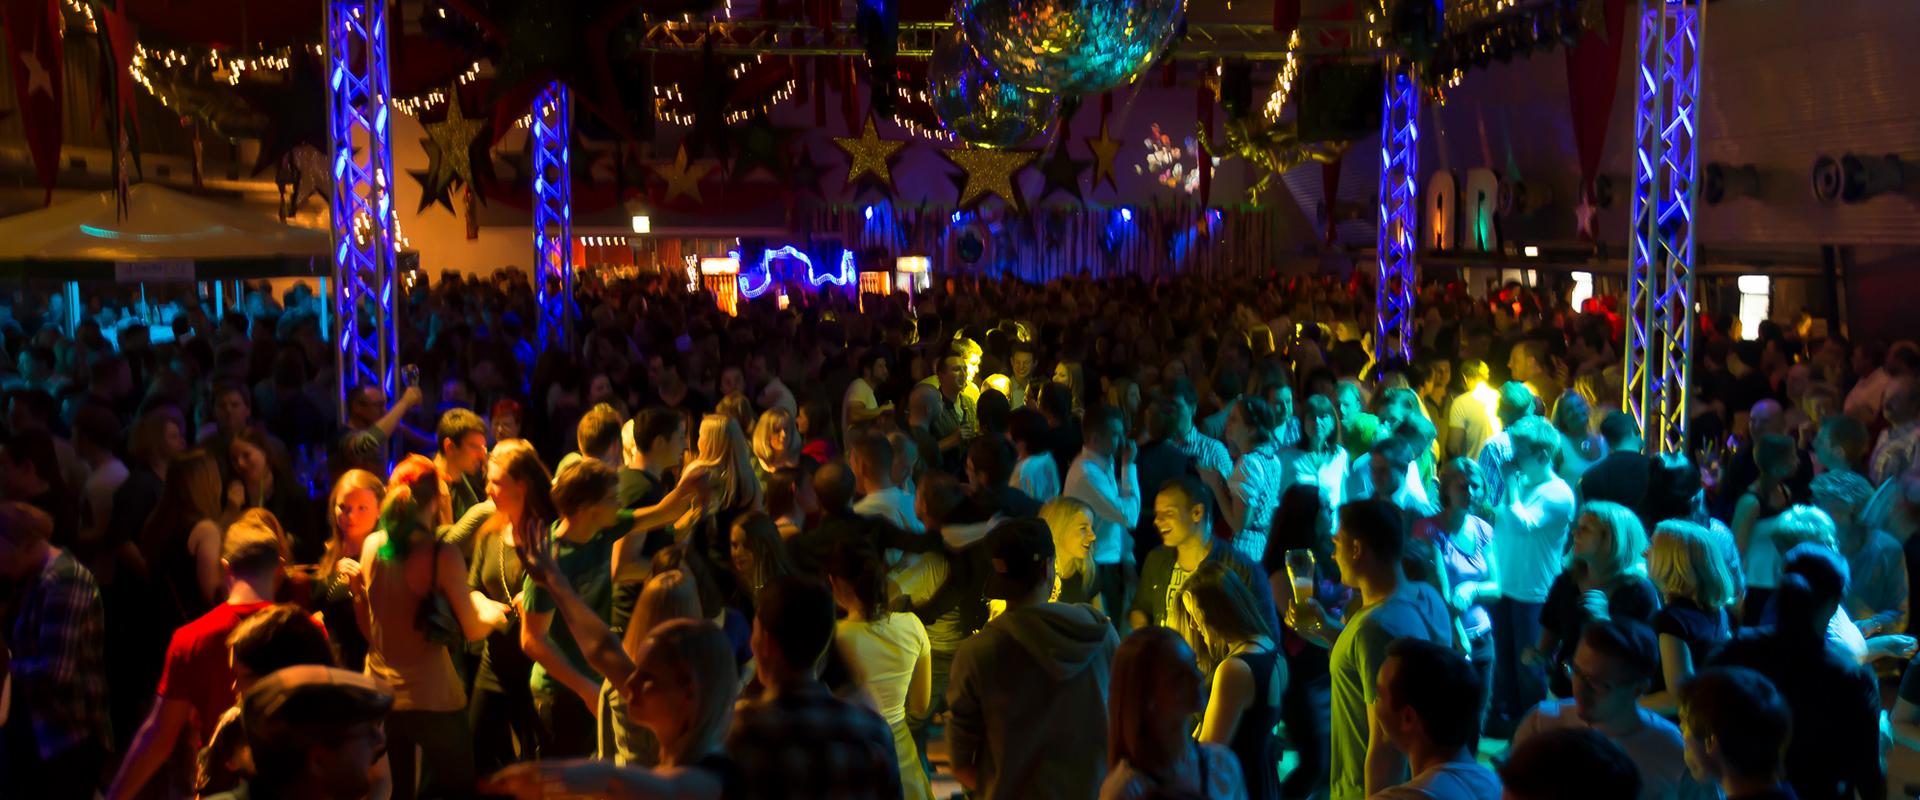 UE30-Party-Freising-Teaser-1